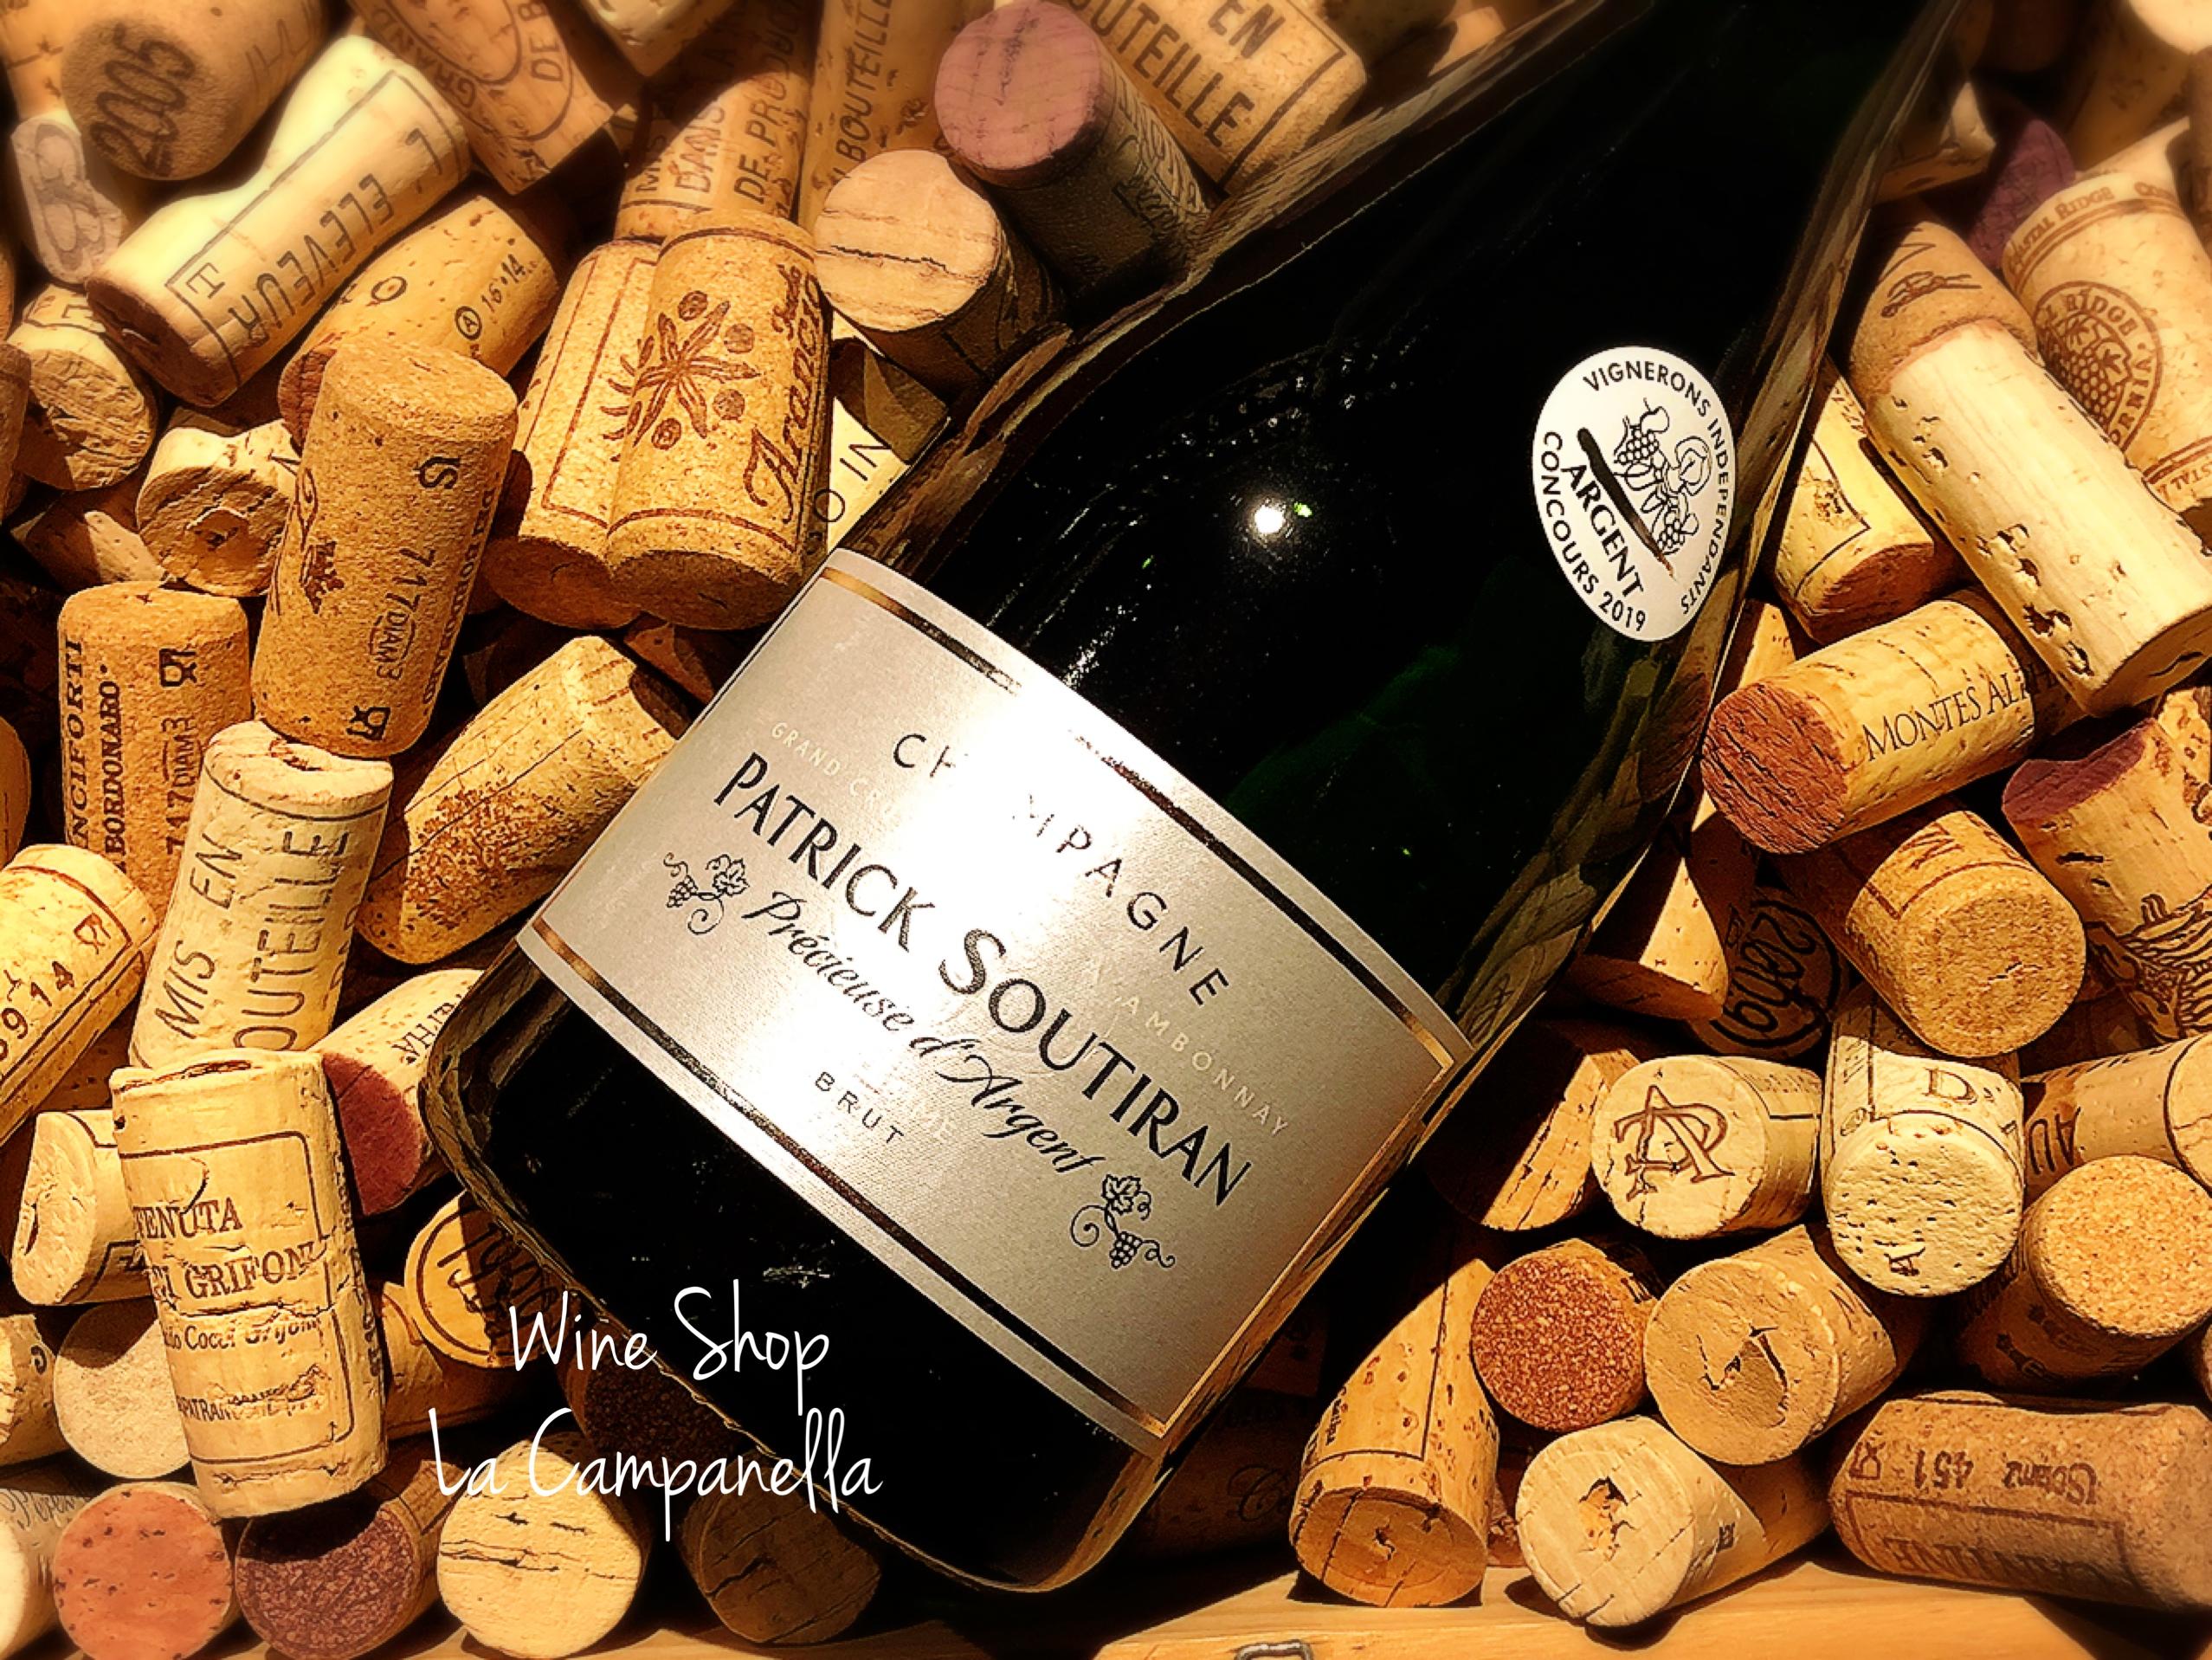 Champagne Precieuse d'Argent Grand Cru Patrick Soutiran